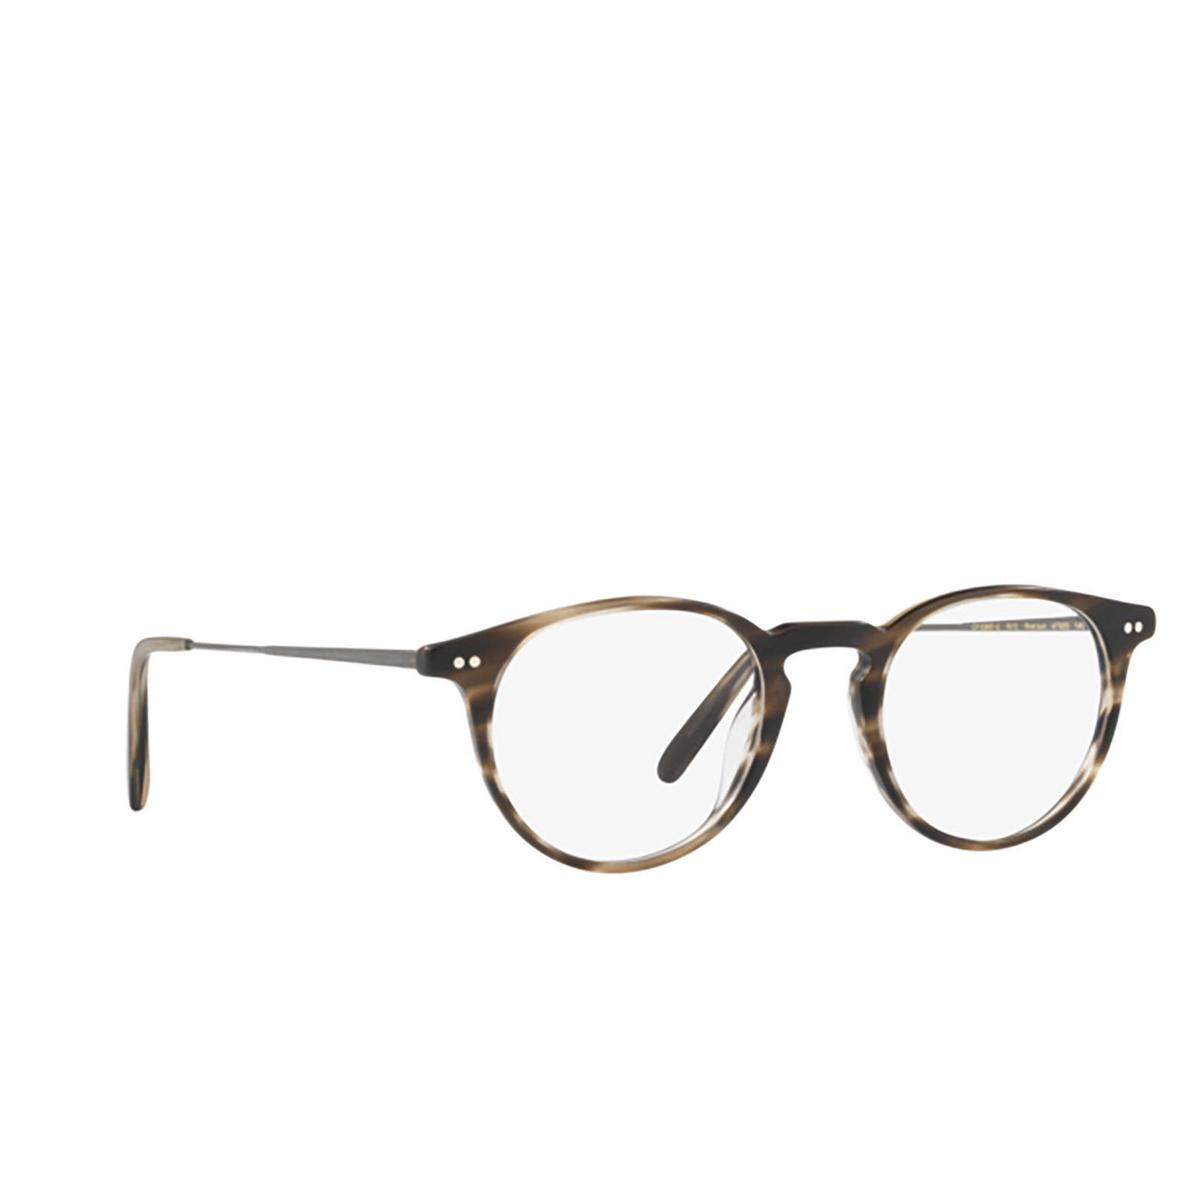 Oliver Peoples® Round Eyeglasses: Ryerson OV5362U color Semi Matte Cinder Cocobolo 1615.